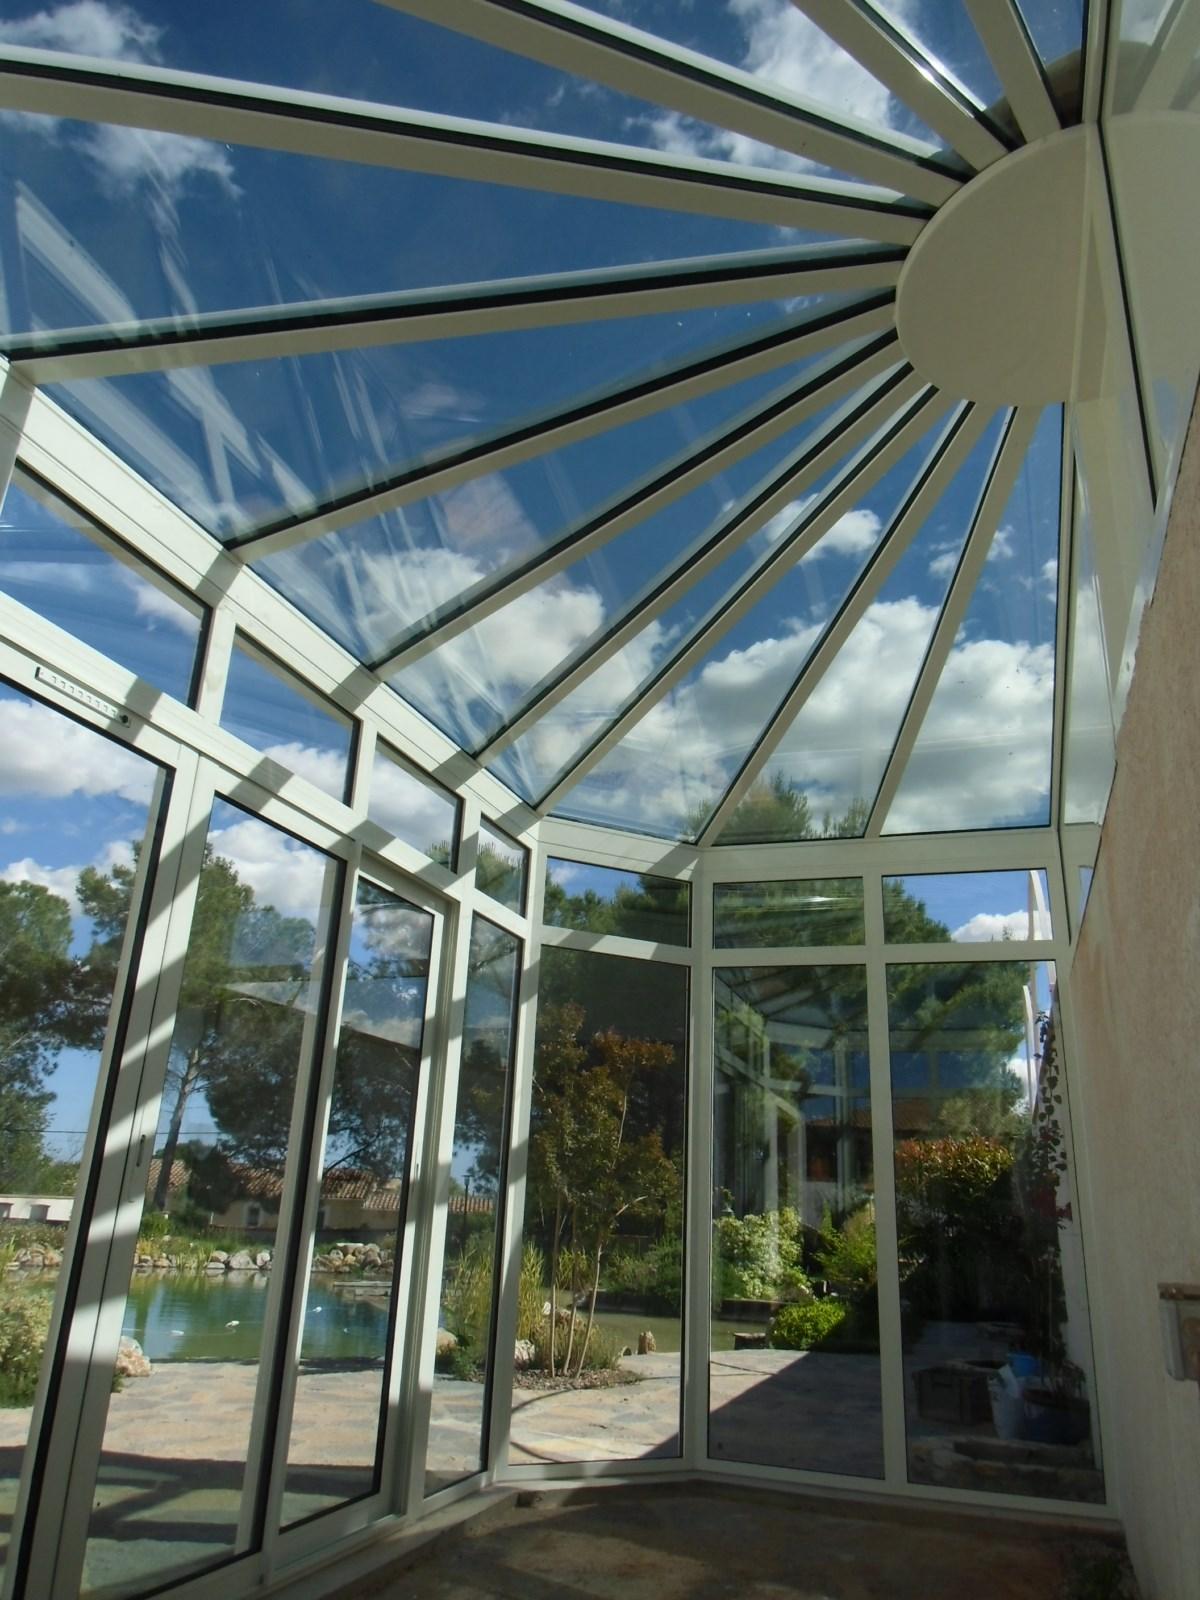 Véranda serre en verre haute isolation thermique à ...